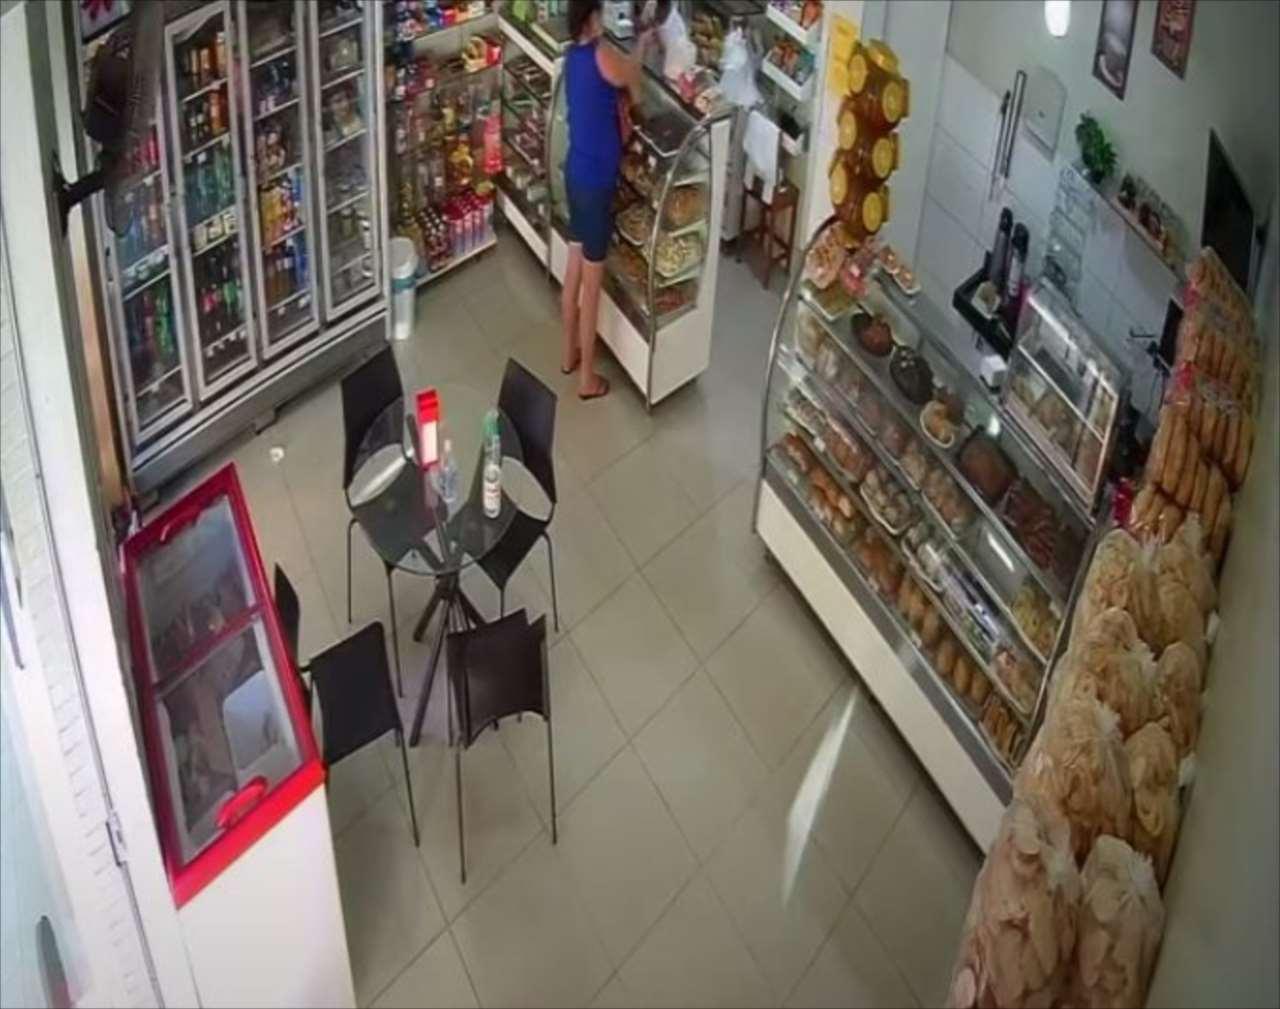 【カメラは見た】パン屋で巧みに行われた犯行も、屋外のカメラではバレバレだったワン(笑)